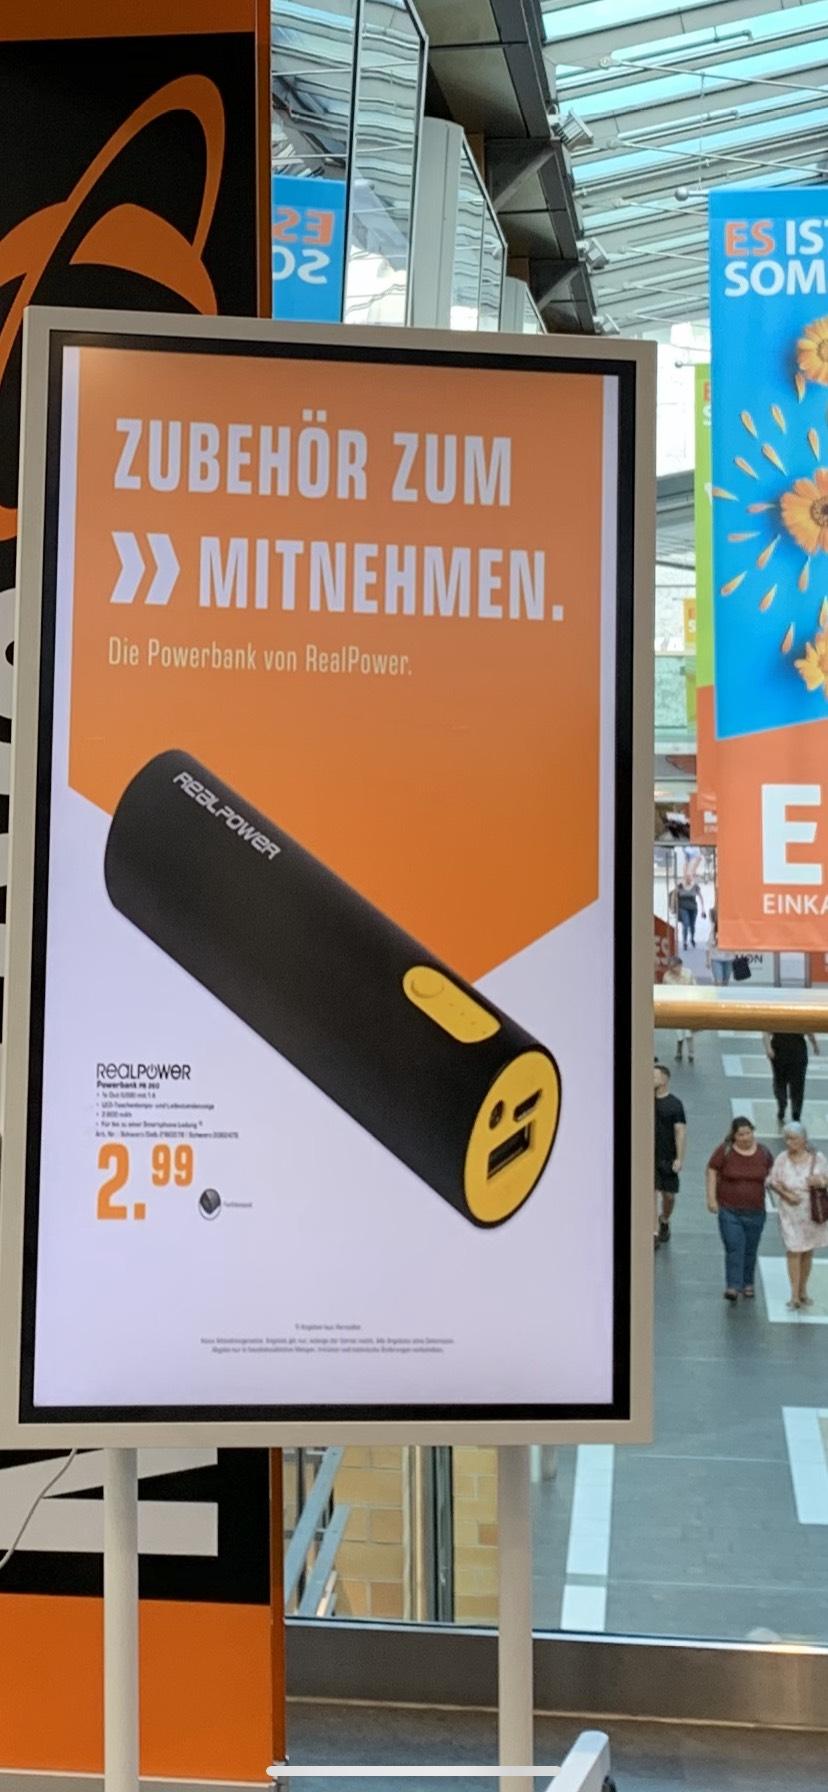 Realpower Powerbank im ES Esslingen Saturn für 2.99€